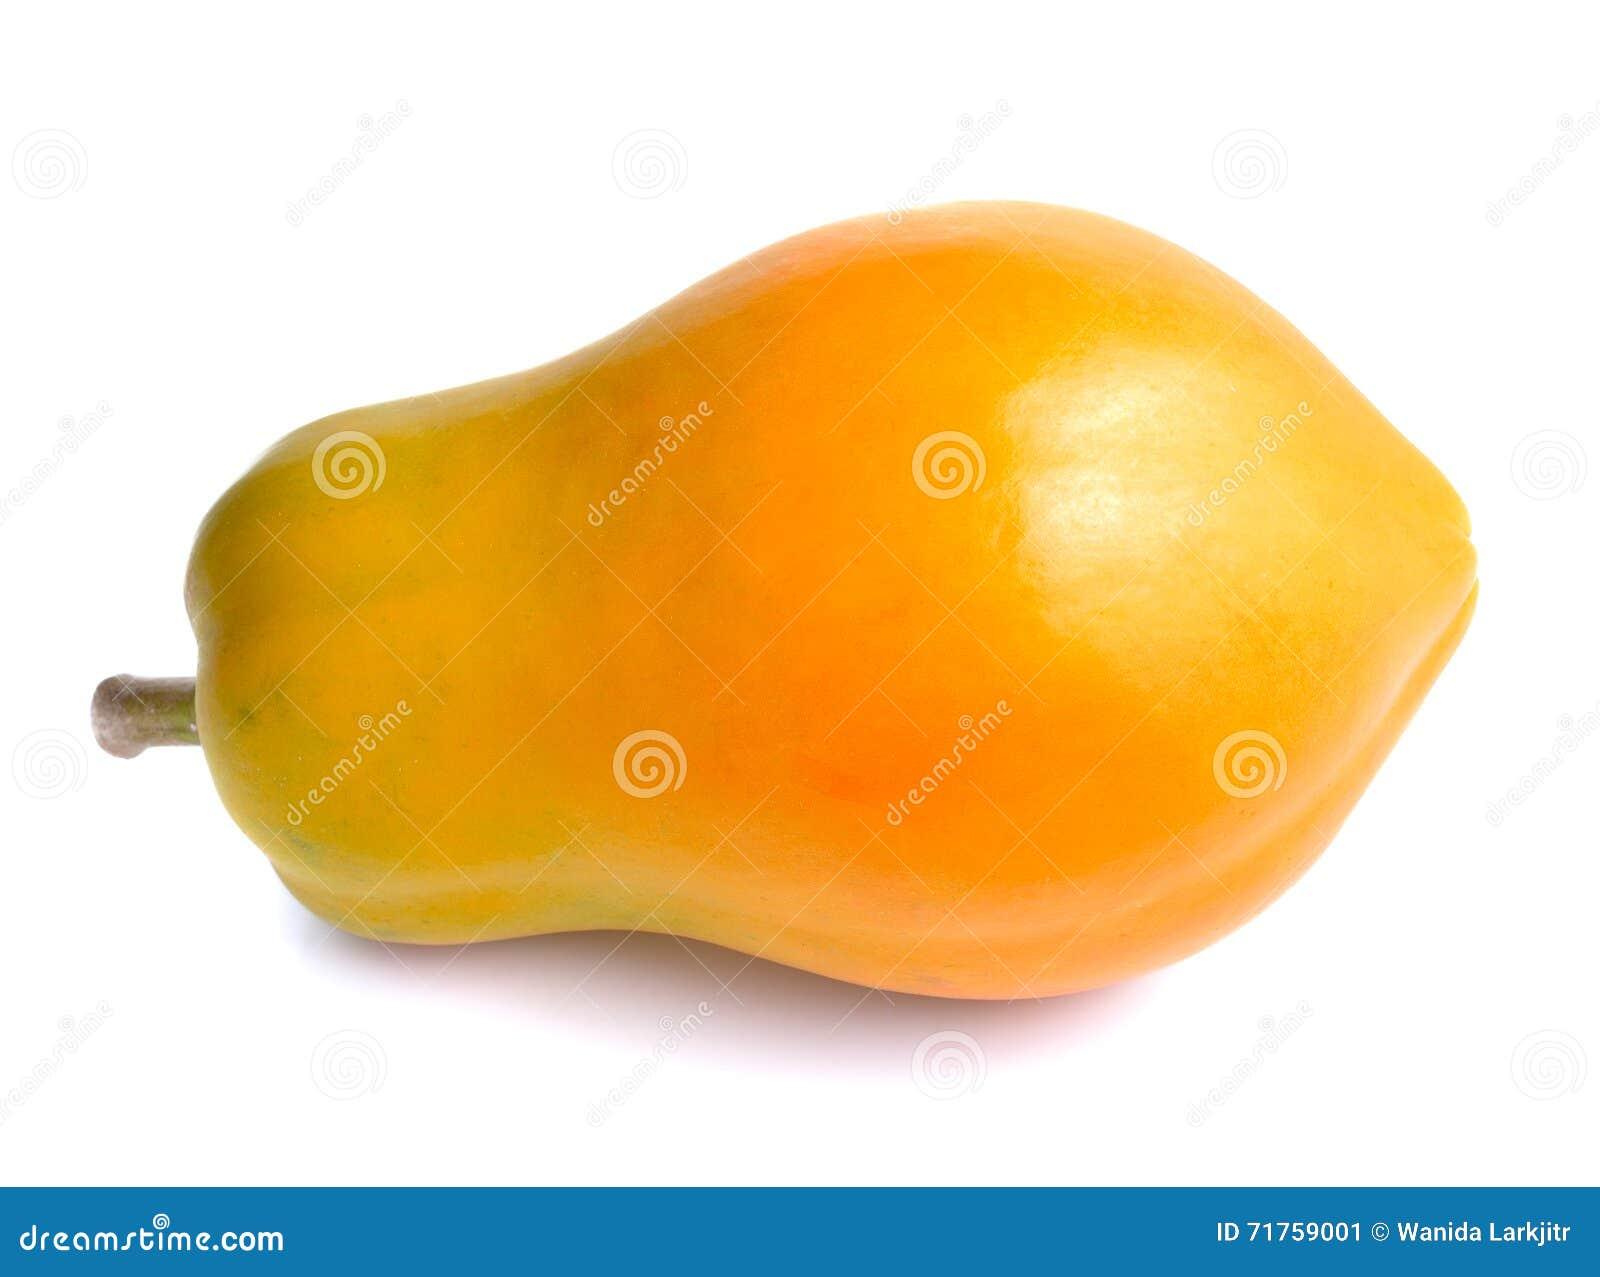 Ολόκληρα πράσινα κίτρινα papaya φρούτα